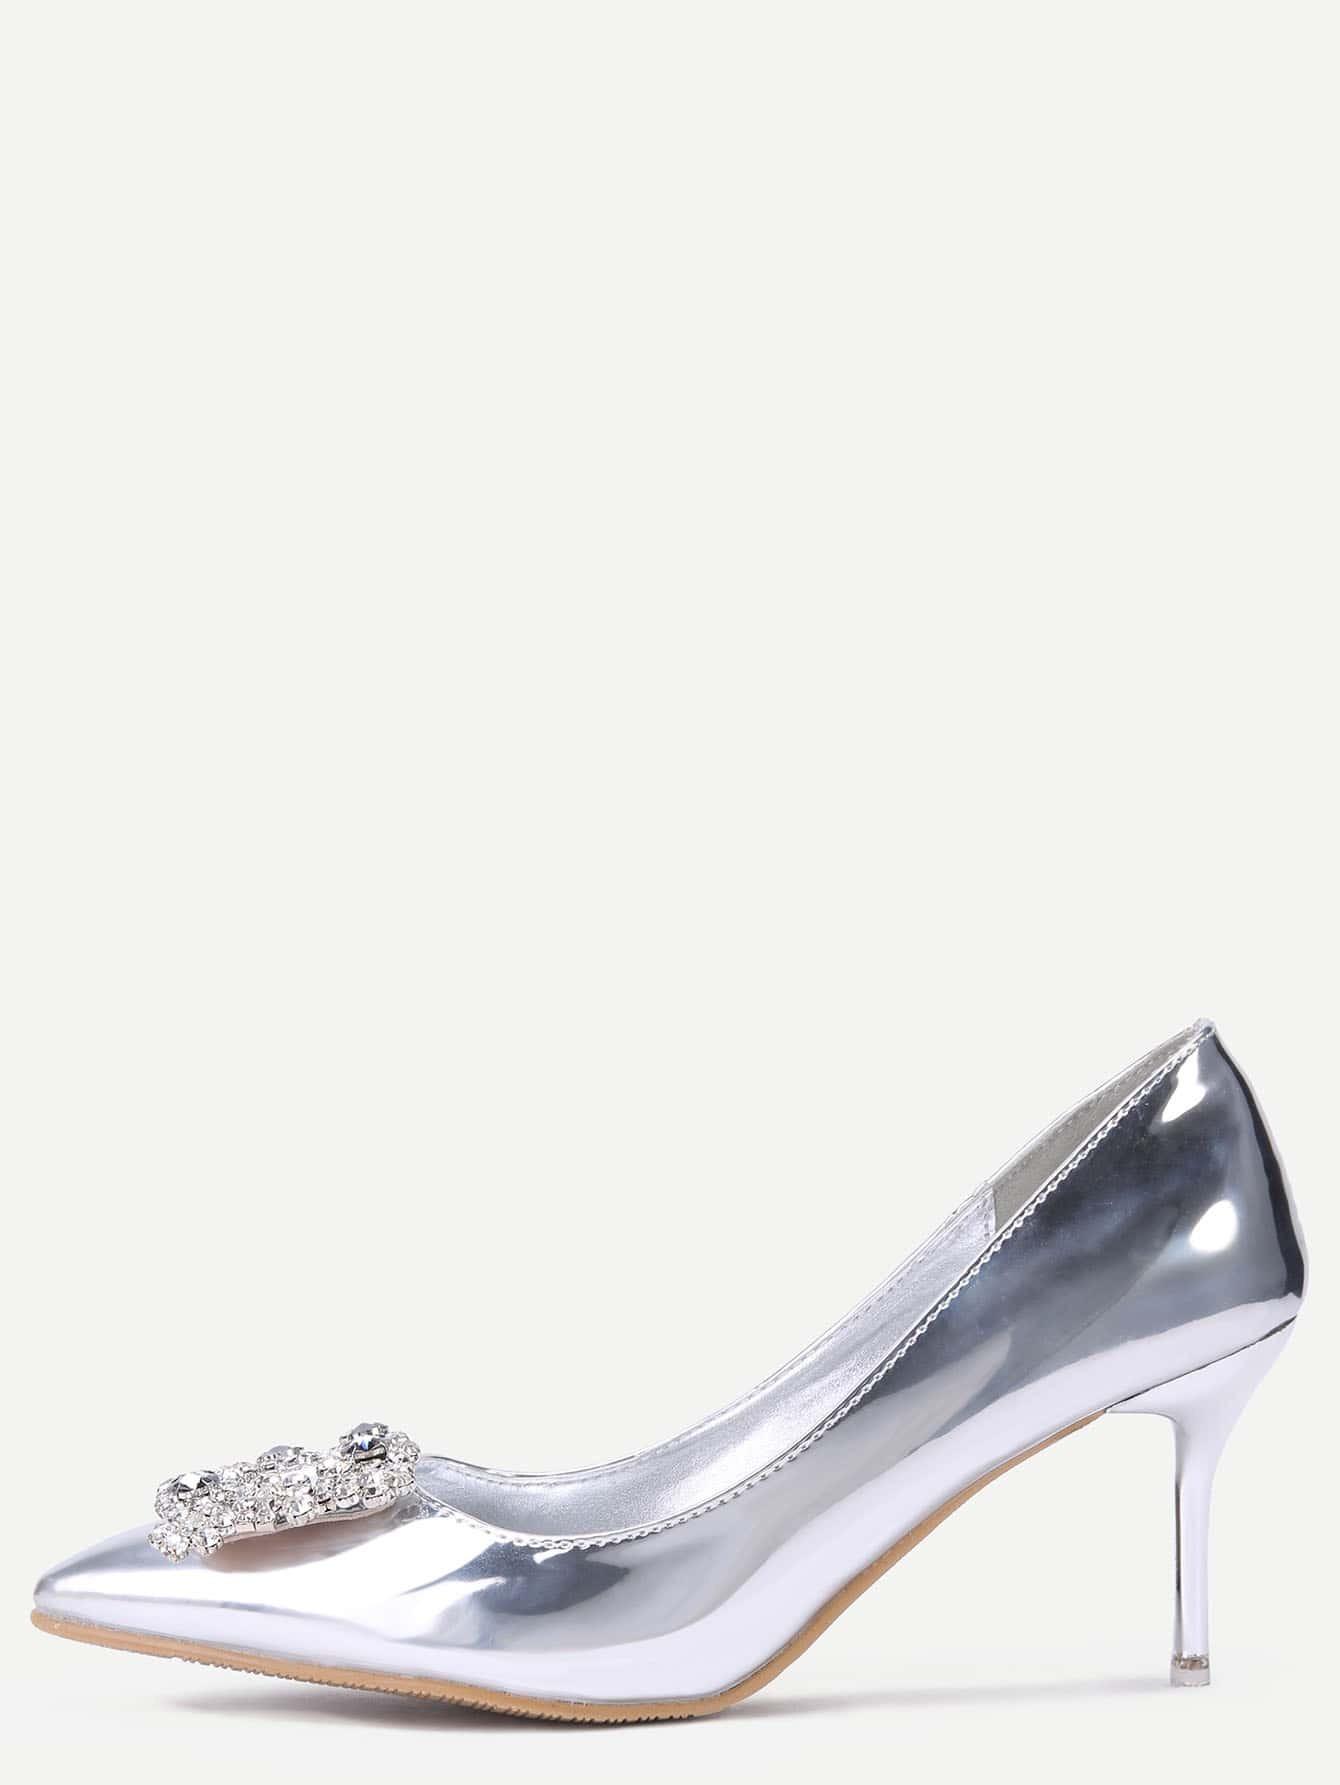 shoes160912805_2